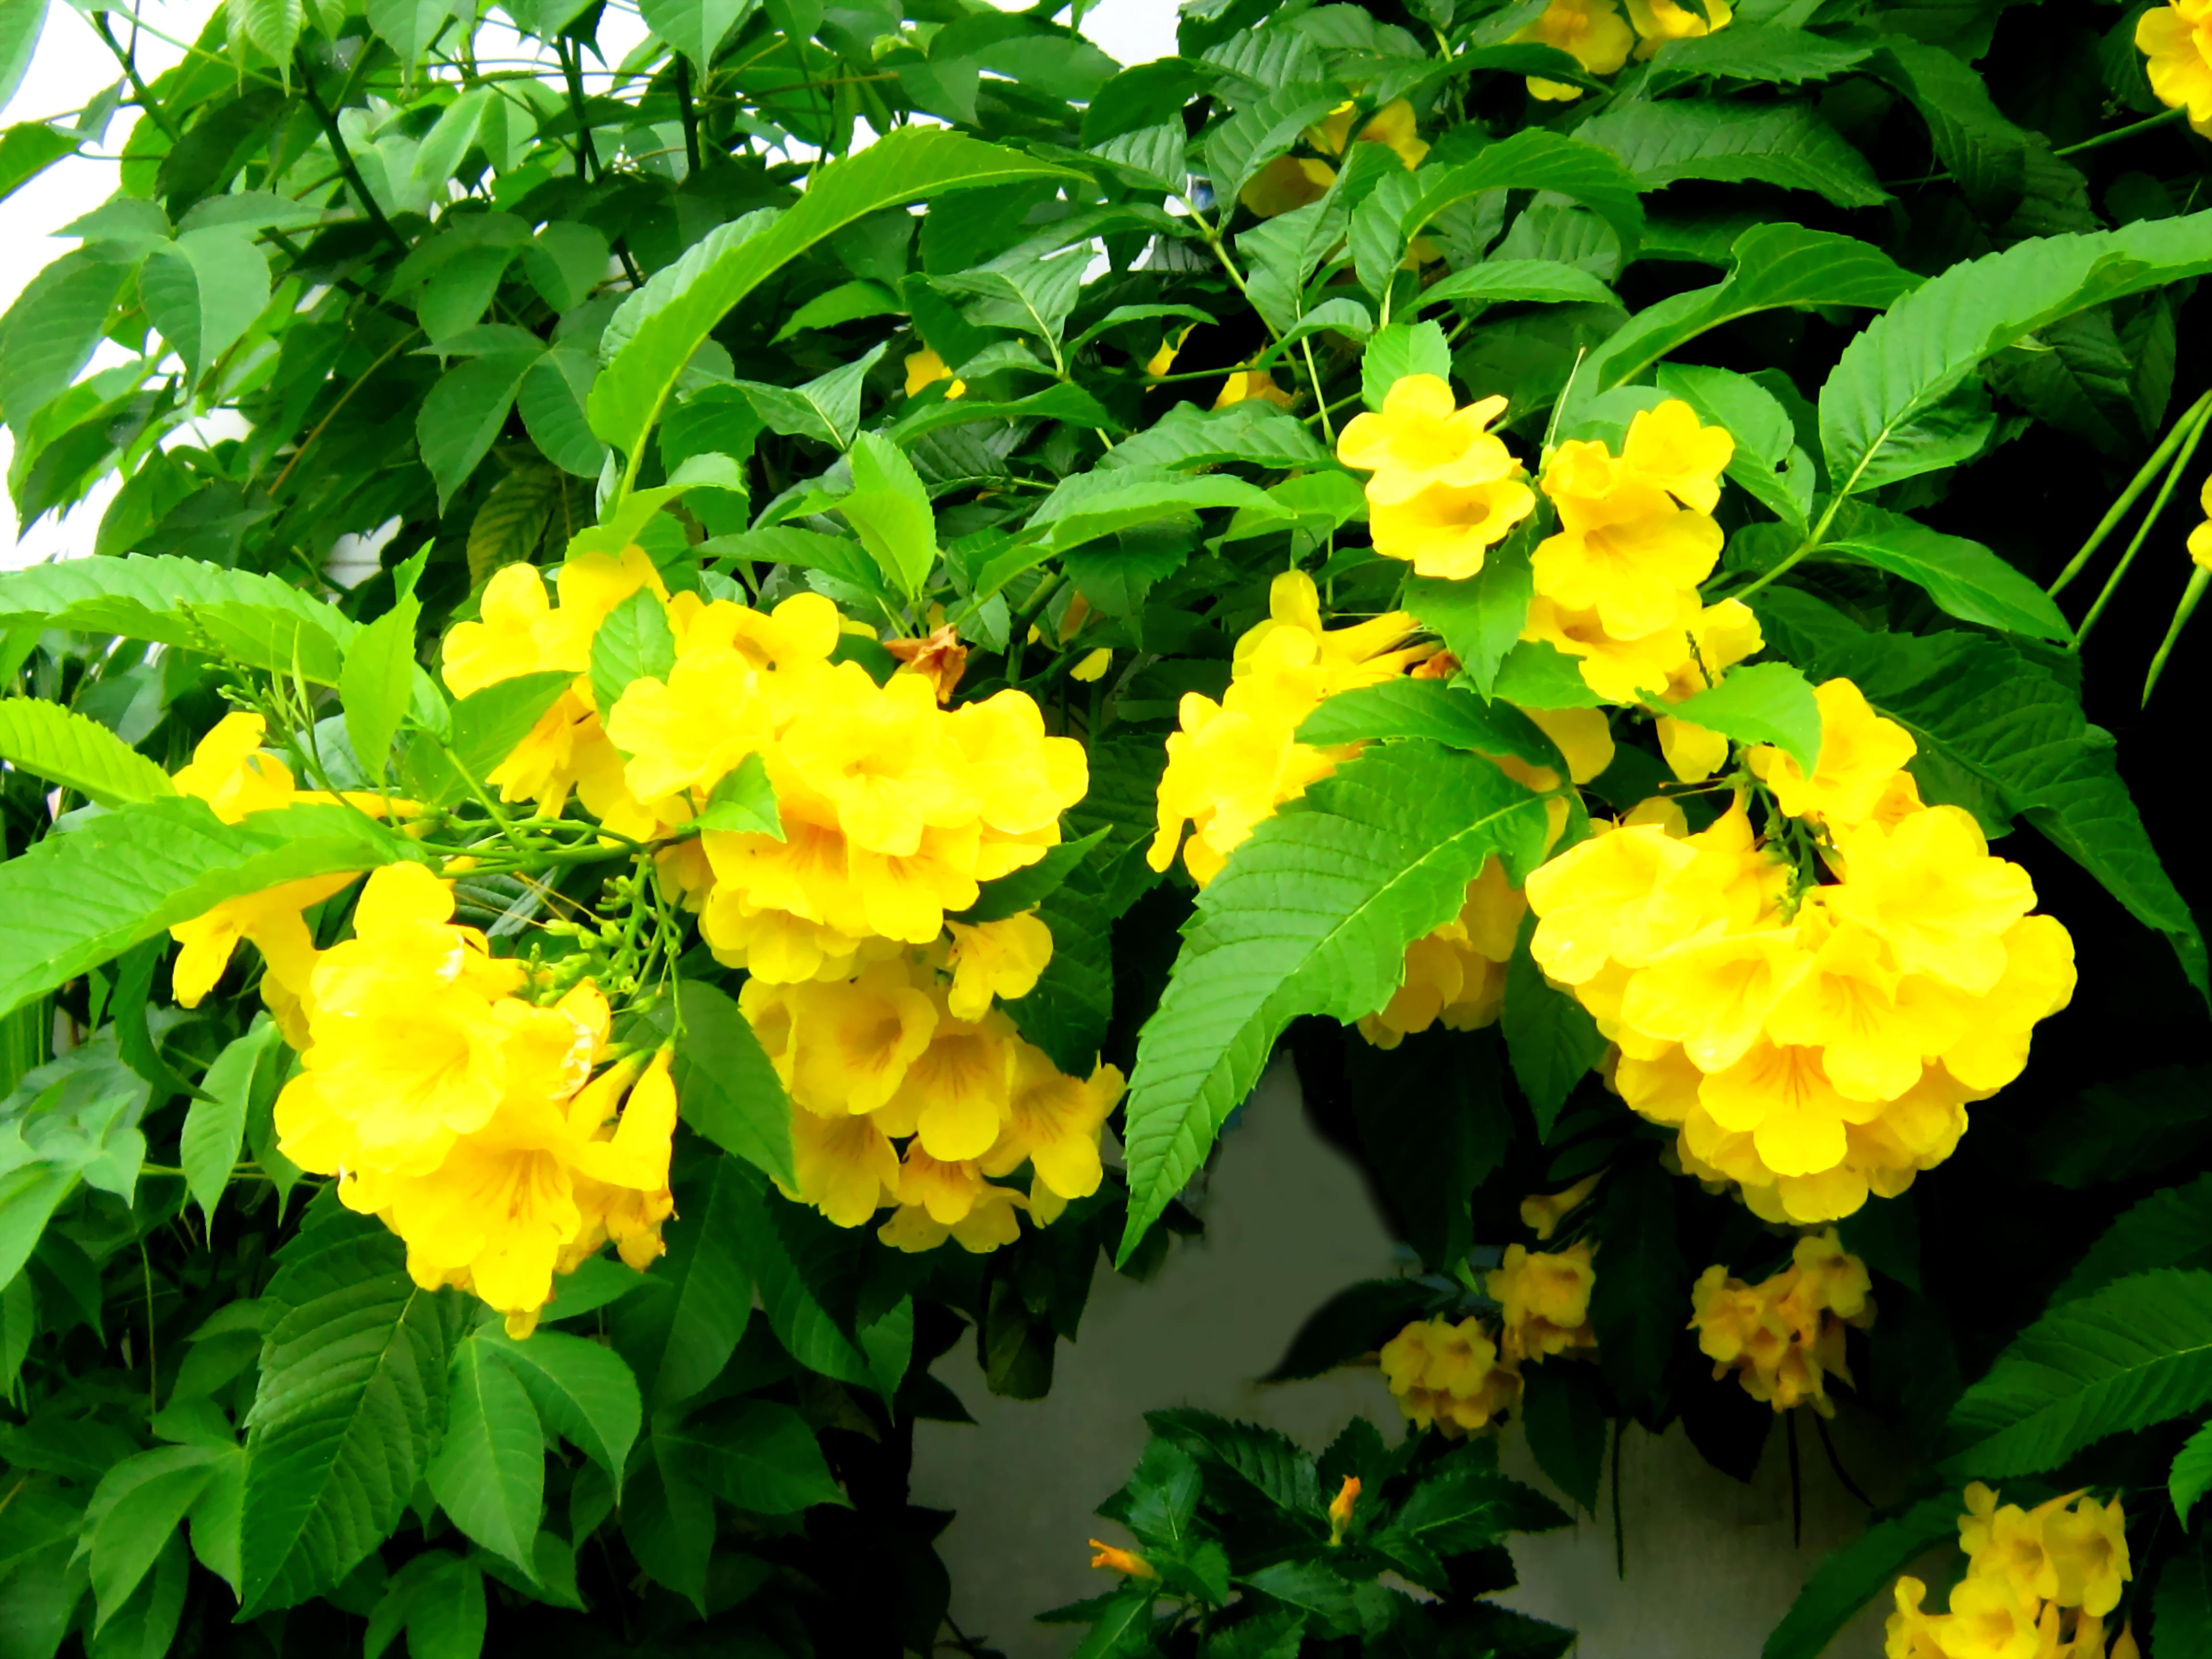 File:Hoa và lá cây chuông vàng.jpg - Wikimedia Commons